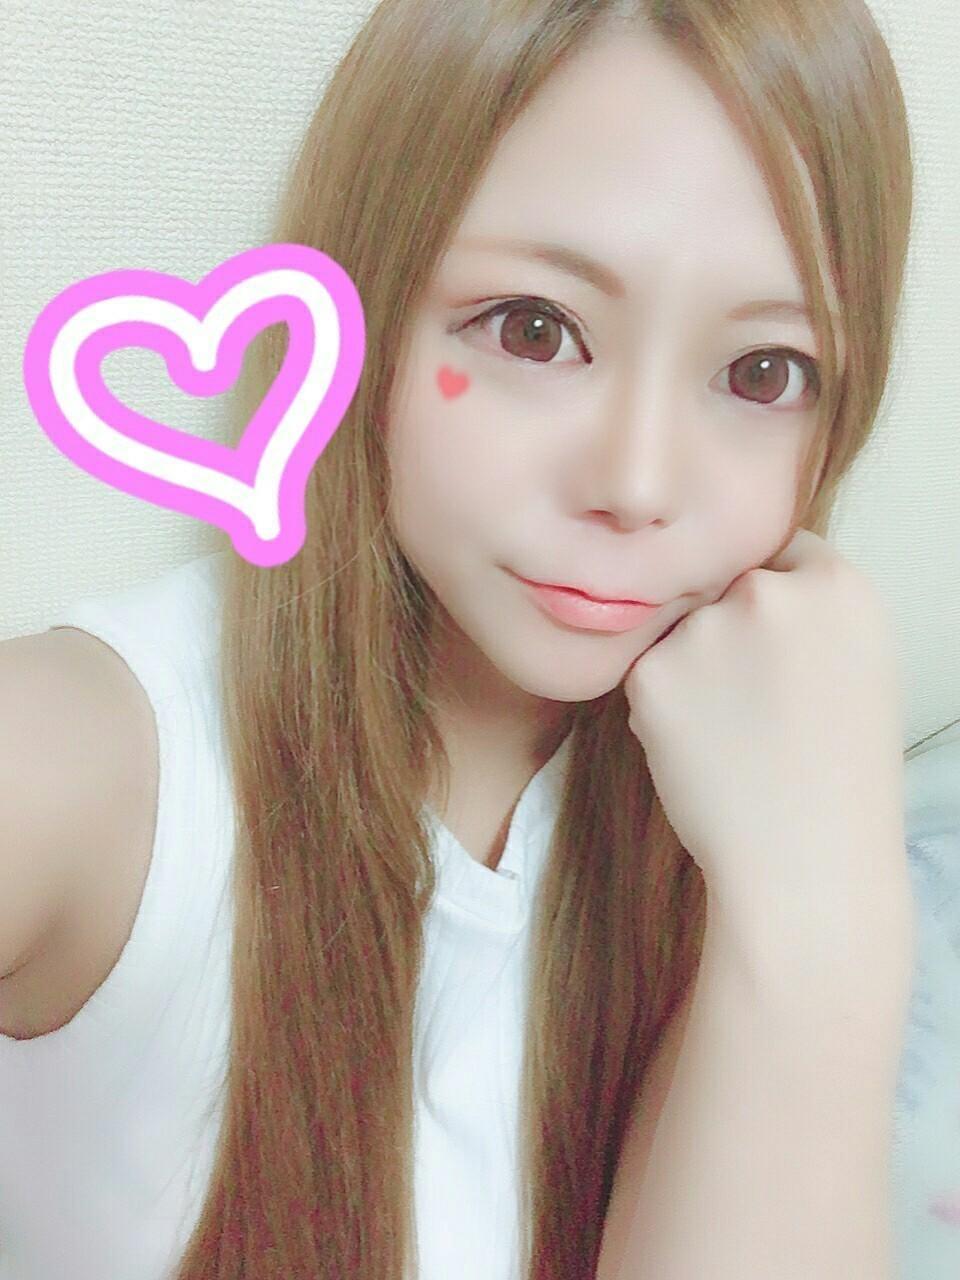 「しゅか@ありがとー!」11/25(日) 16:08   しゅかの写メ・風俗動画